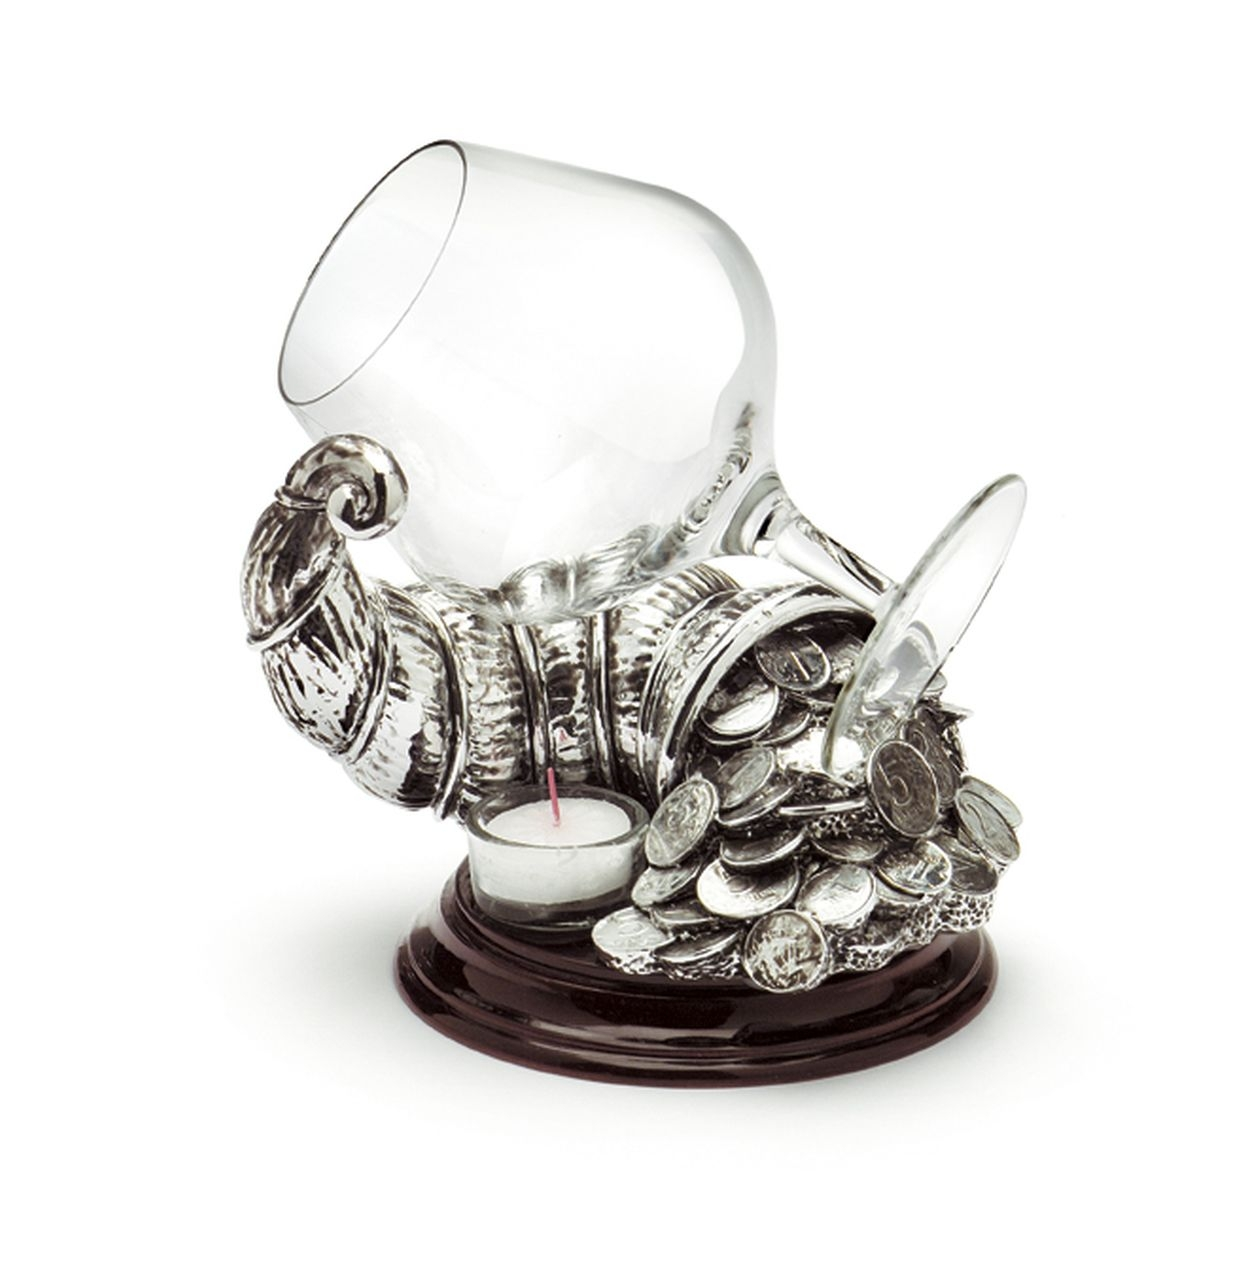 Scalda cognac CORNUCOPIA fortuna con bicchiere argentato argento cm.20h diam.15